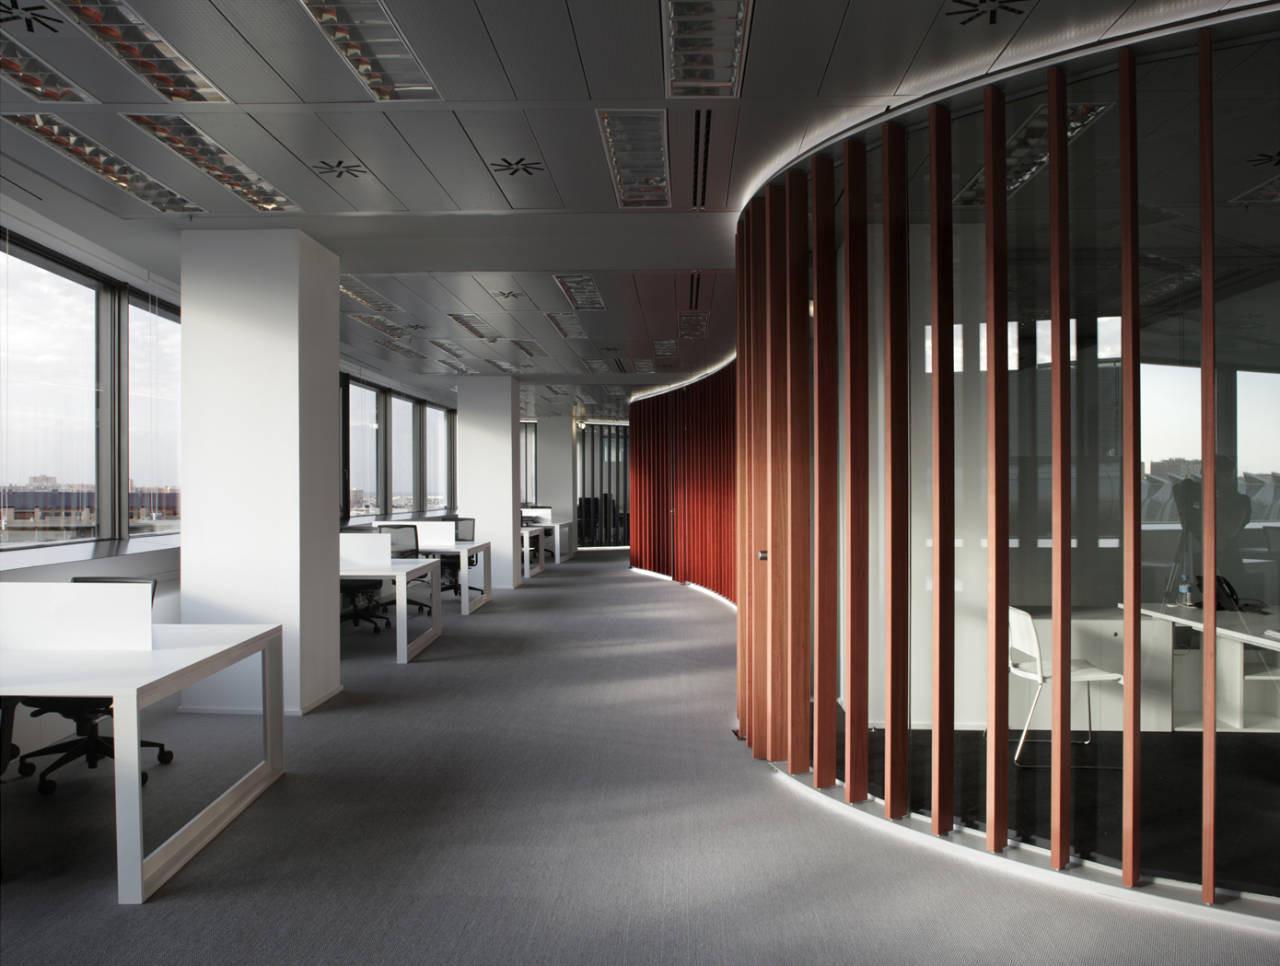 Noatum Headquarters / Girod+Anton Arquitectos, © Mariela Apollonio